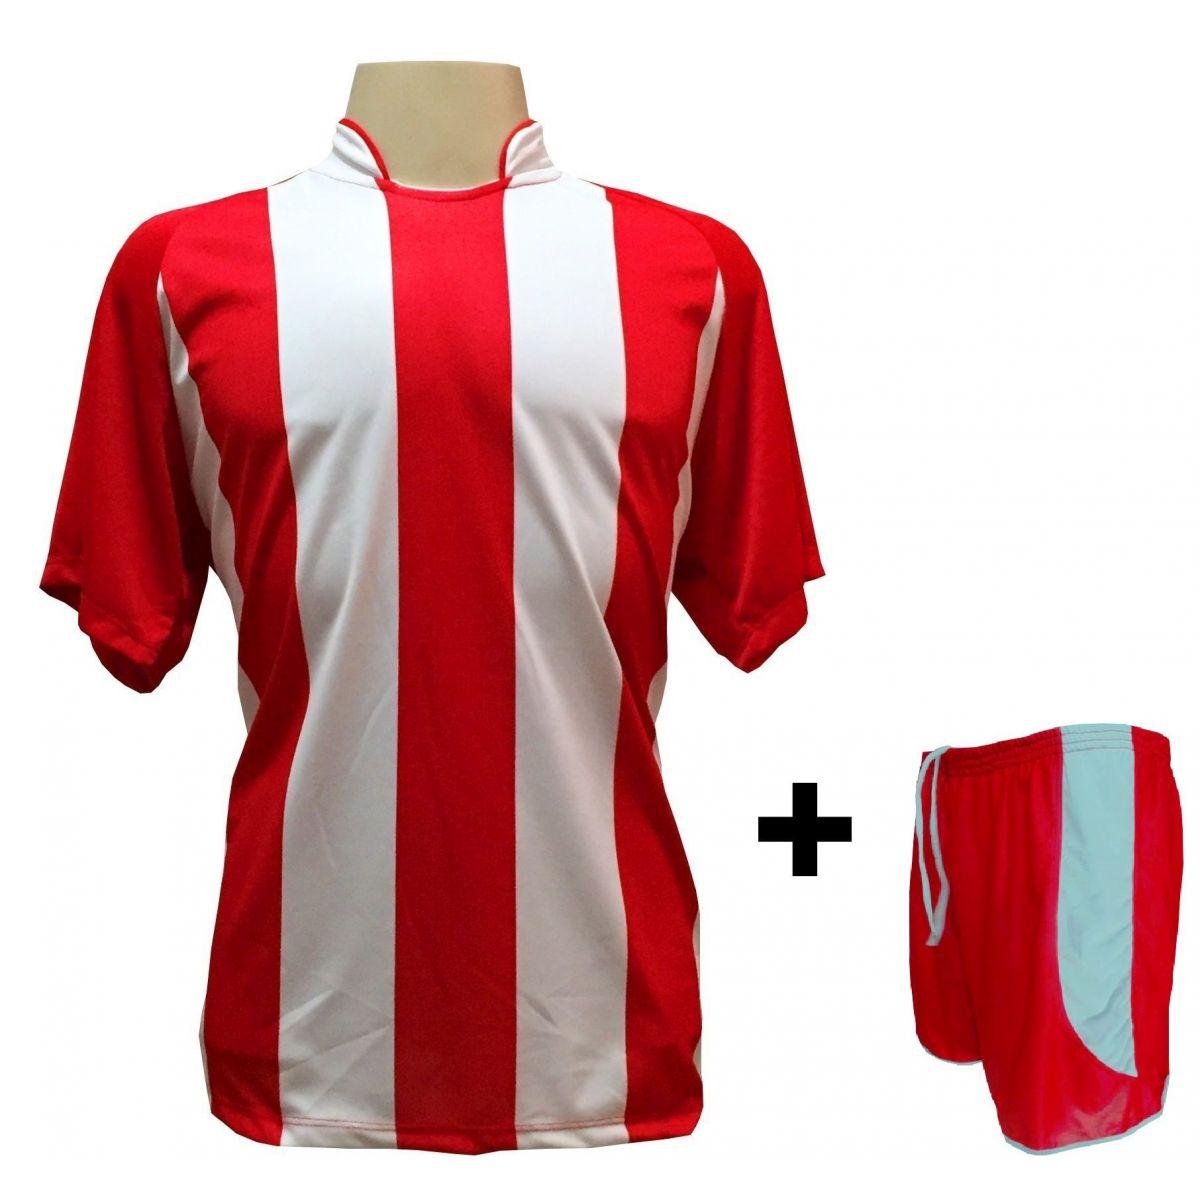 Uniforme Esportivo com 18 camisas modelo Milan Vermelho/Branco + 18 calções modelo Copa + 1 Goleiro + Brindes